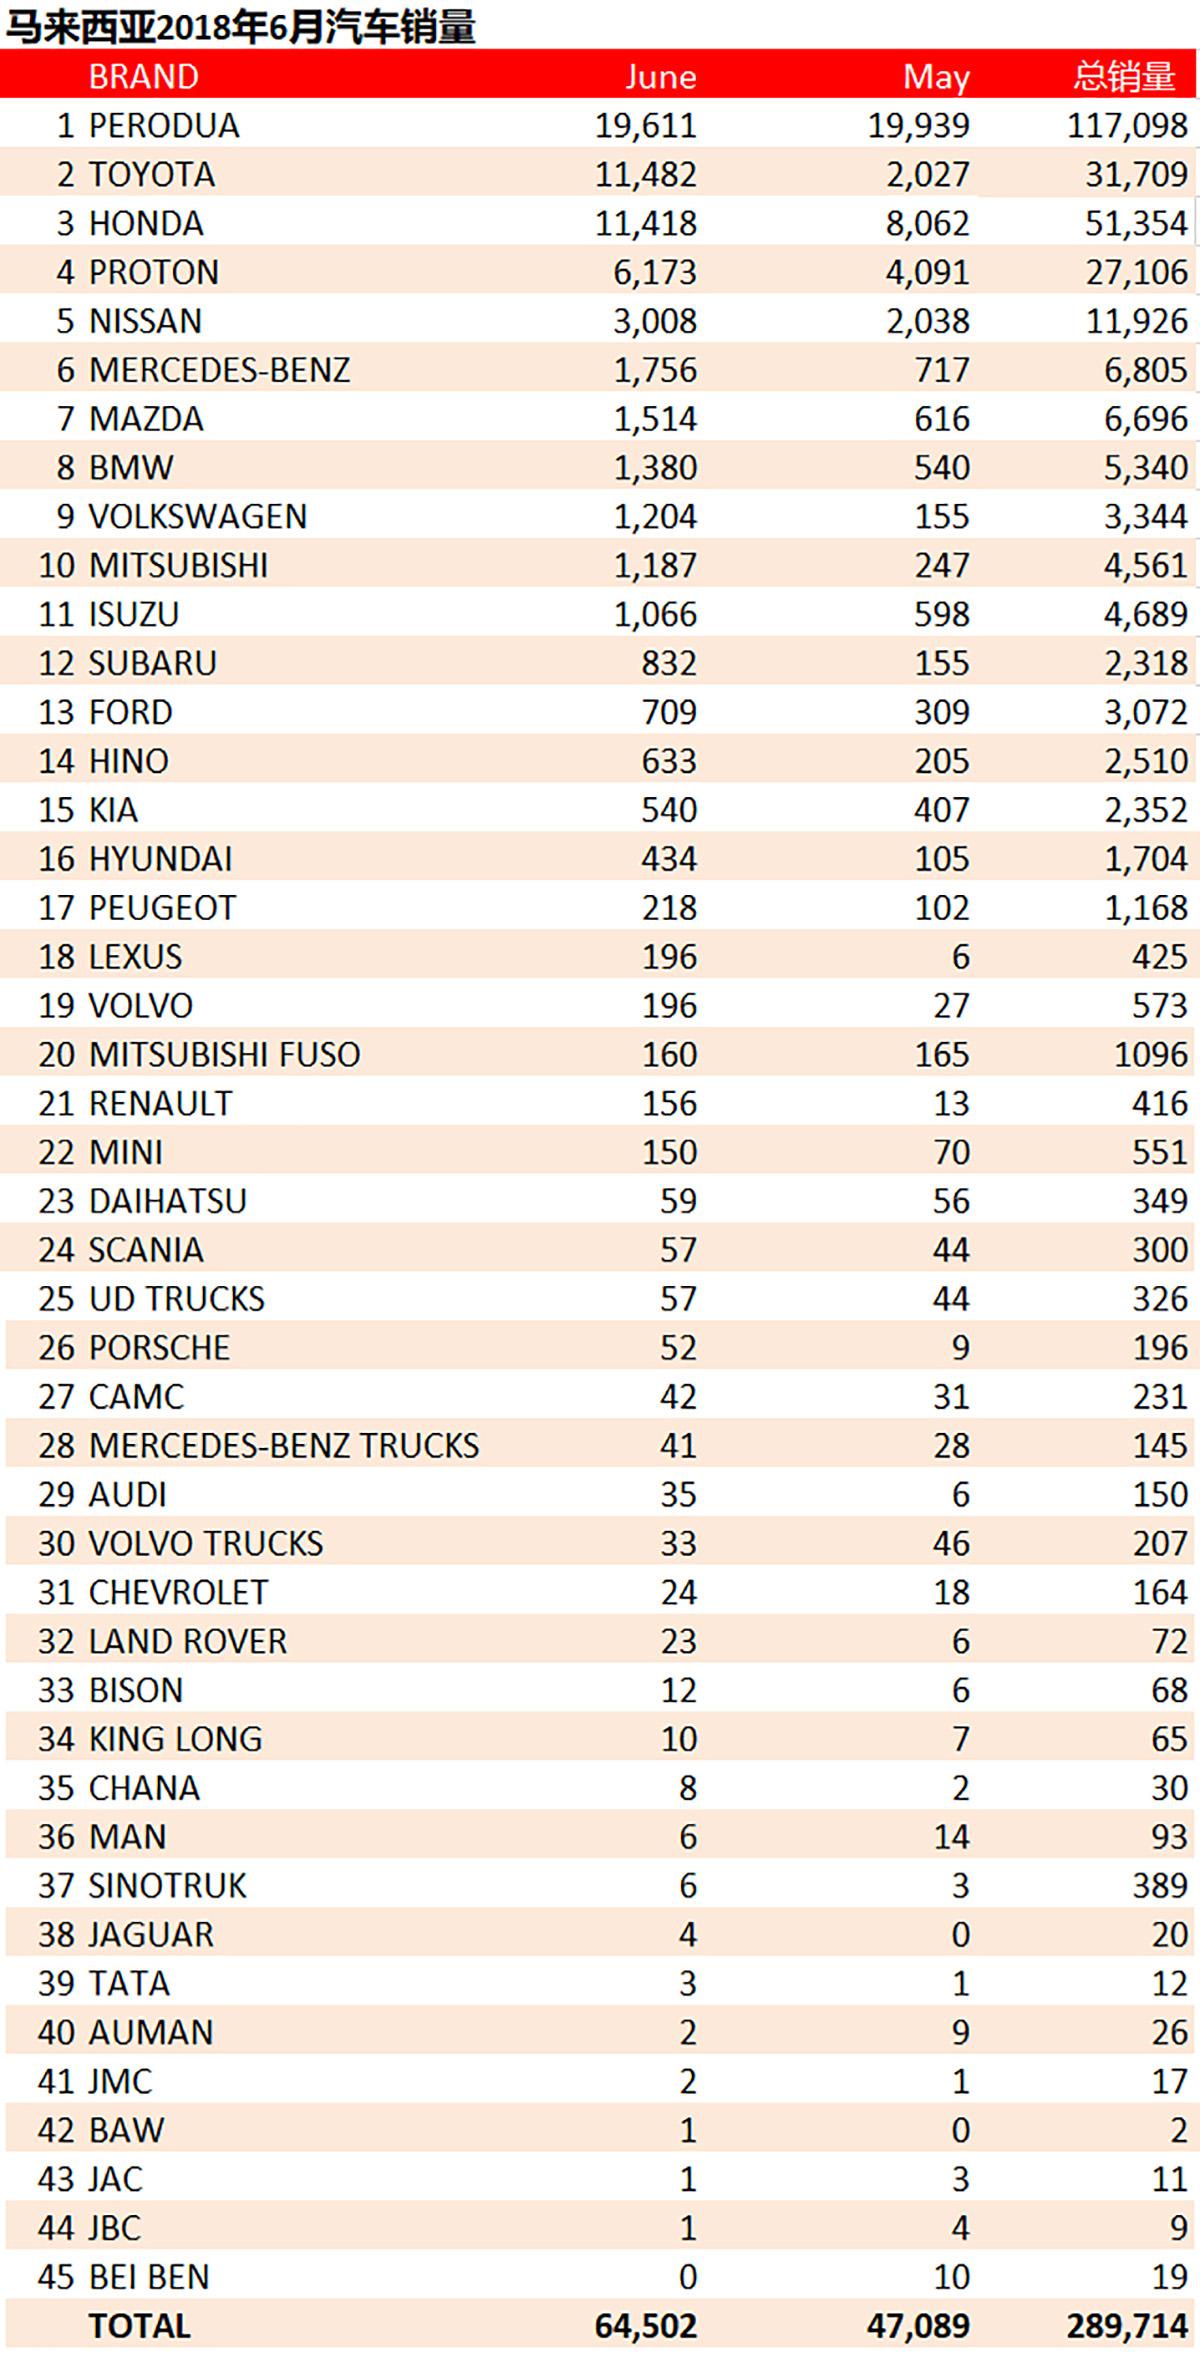 2018年6月大马汽车销量, Toyota 微差当上老二!